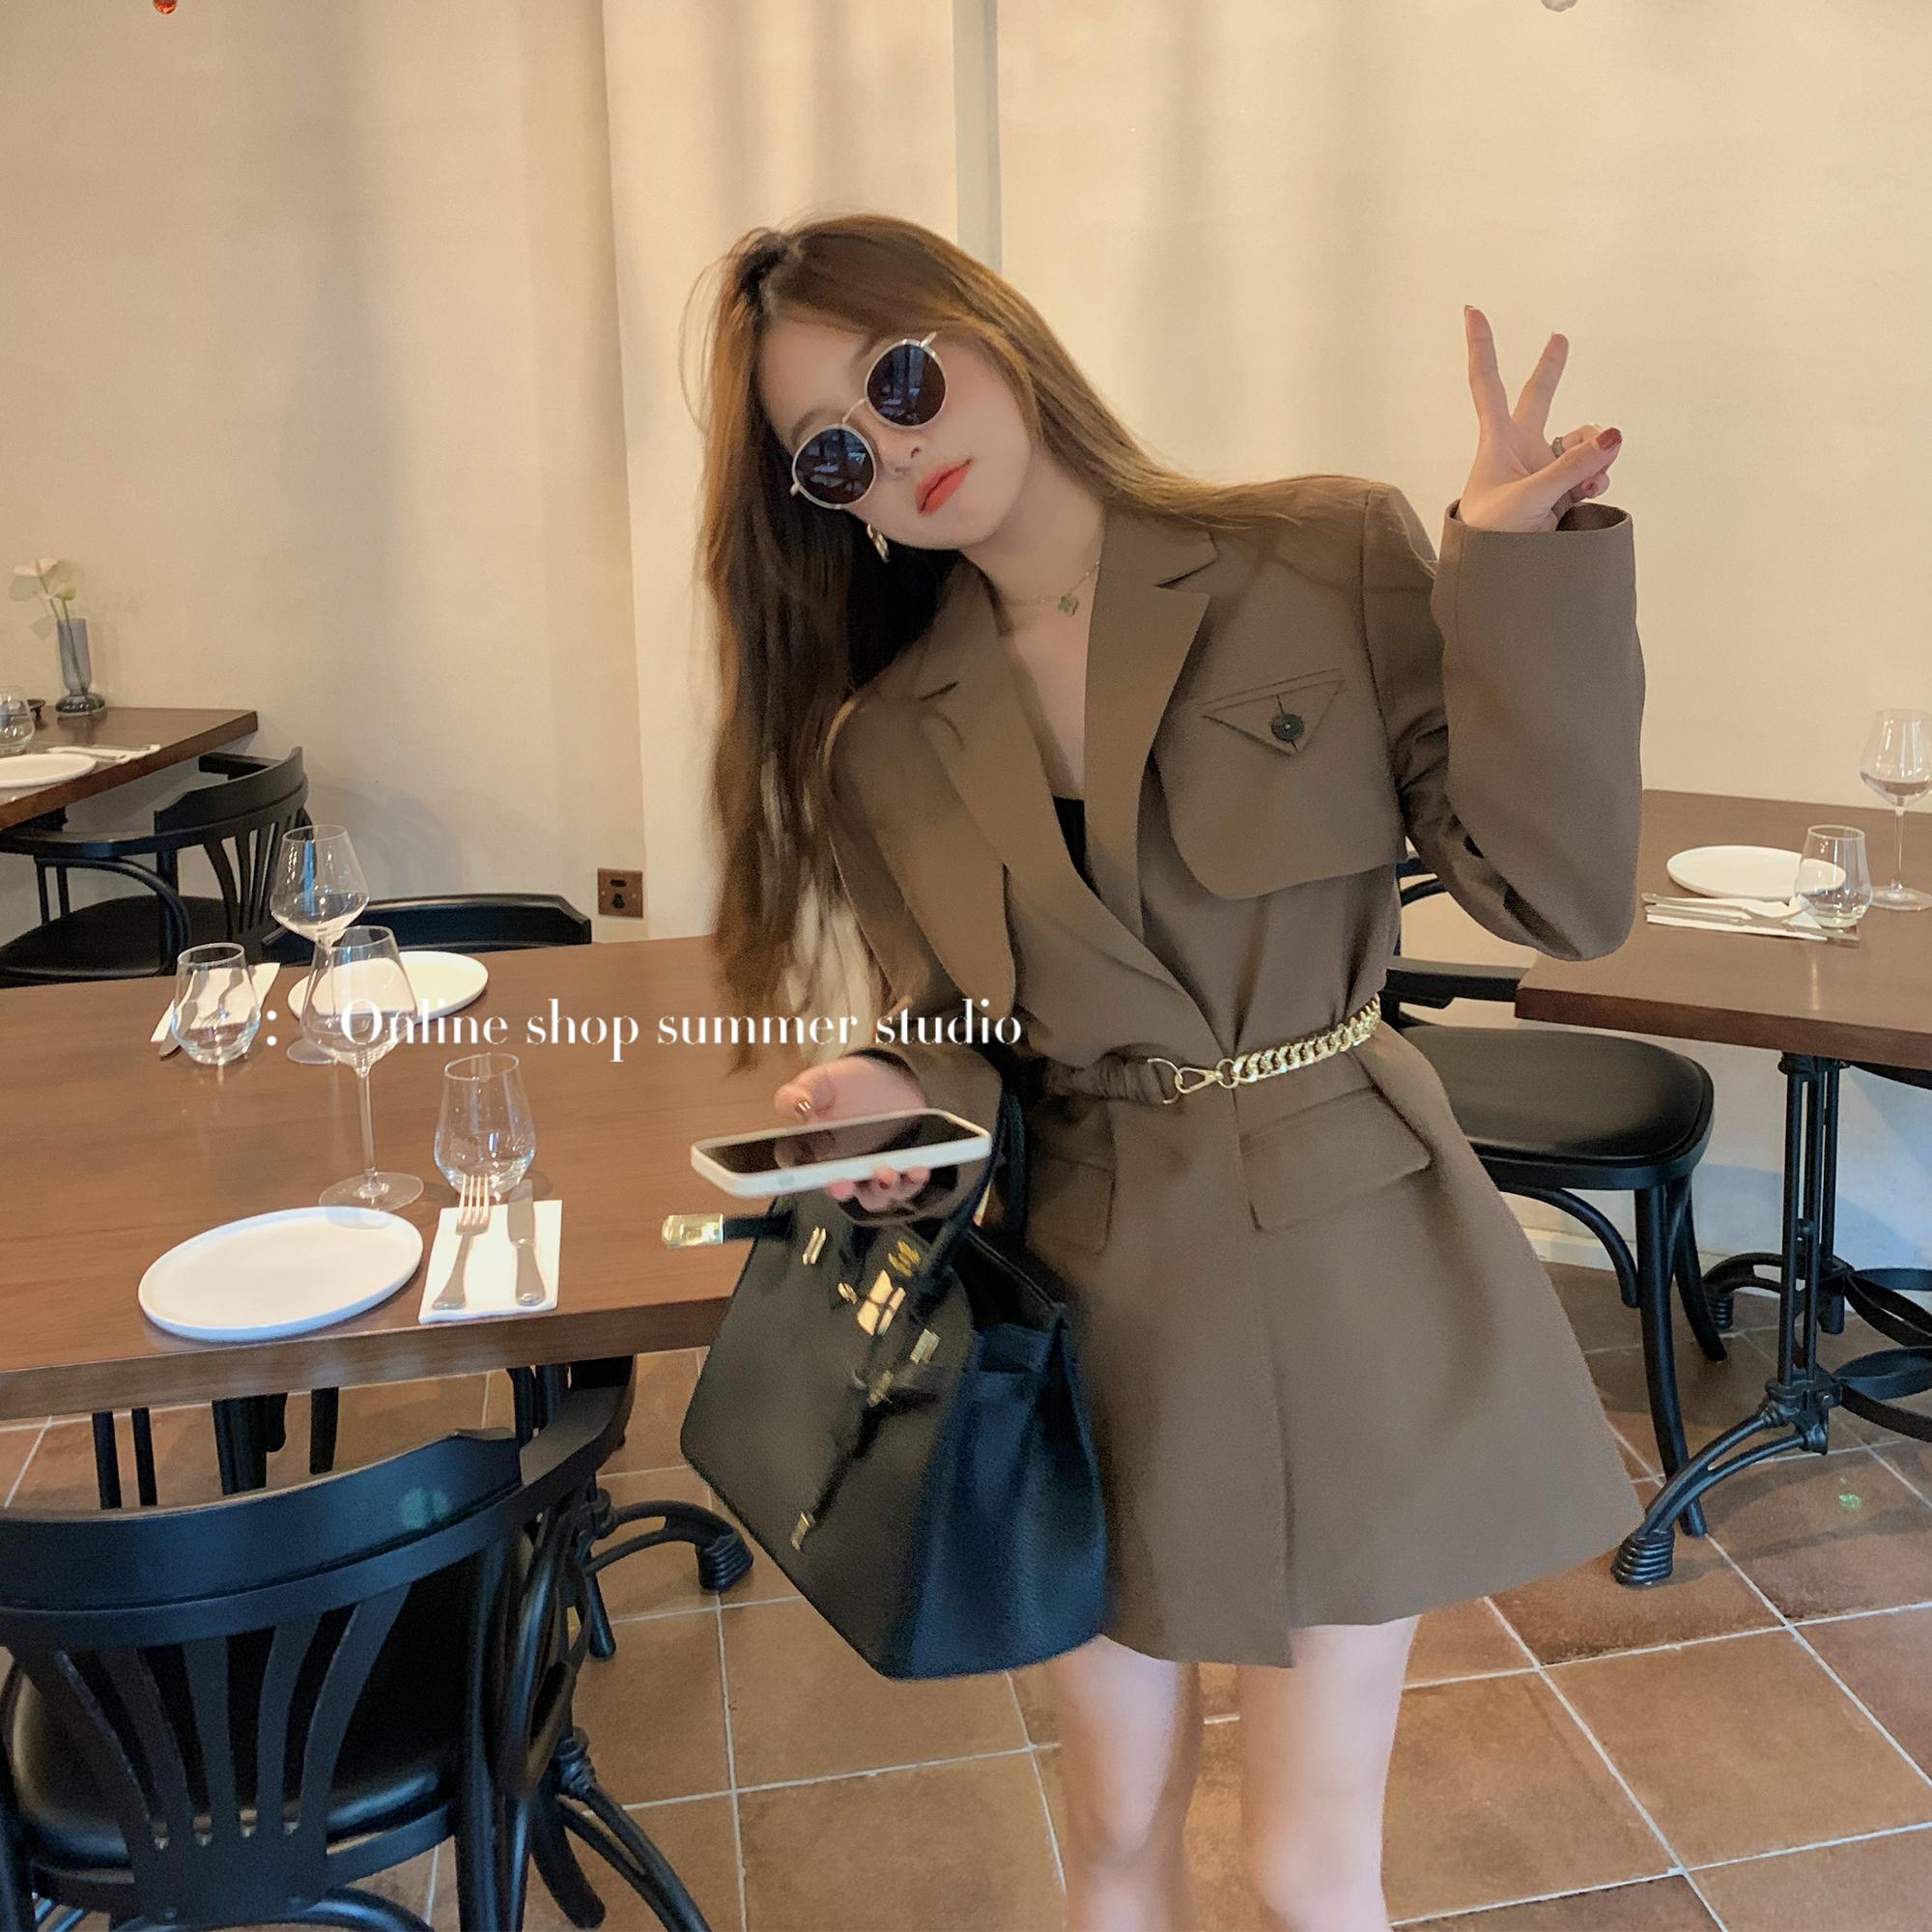 夏天家2021早秋新款上衣chic咖色西装外套女春秋季西服设计感小众